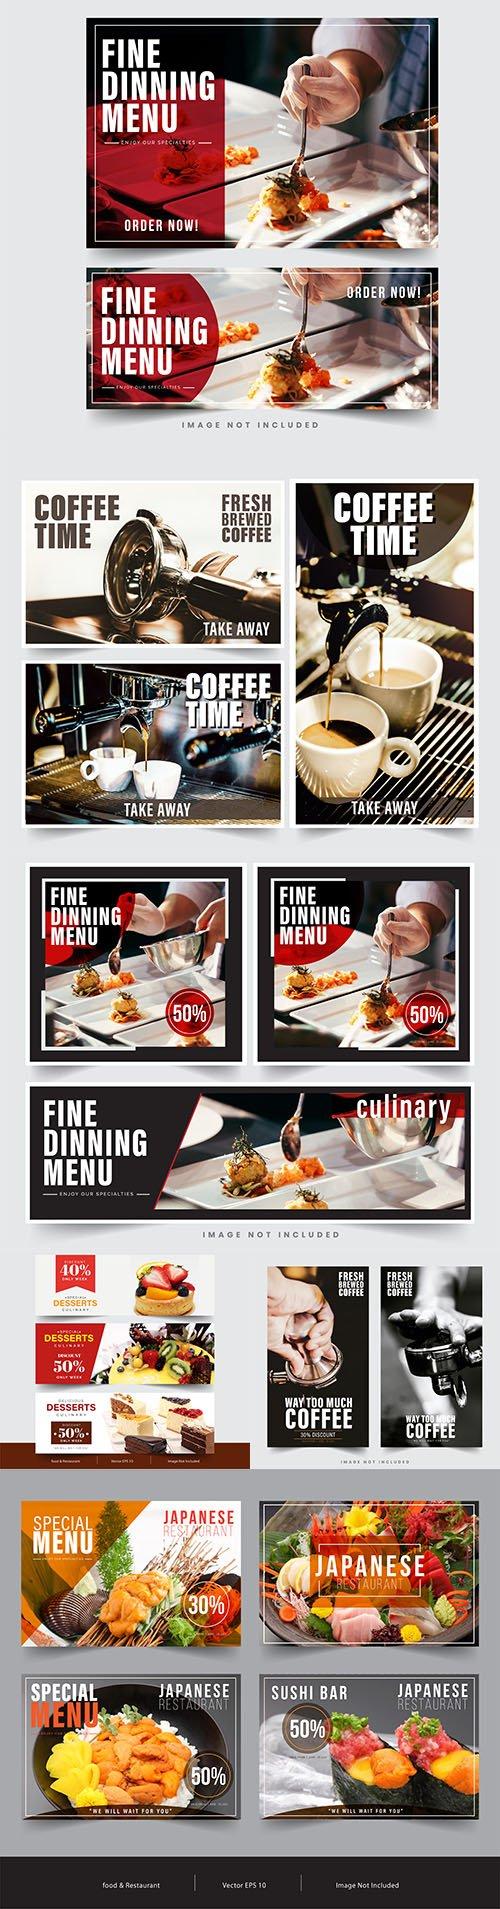 Banner restaurant social networks design template